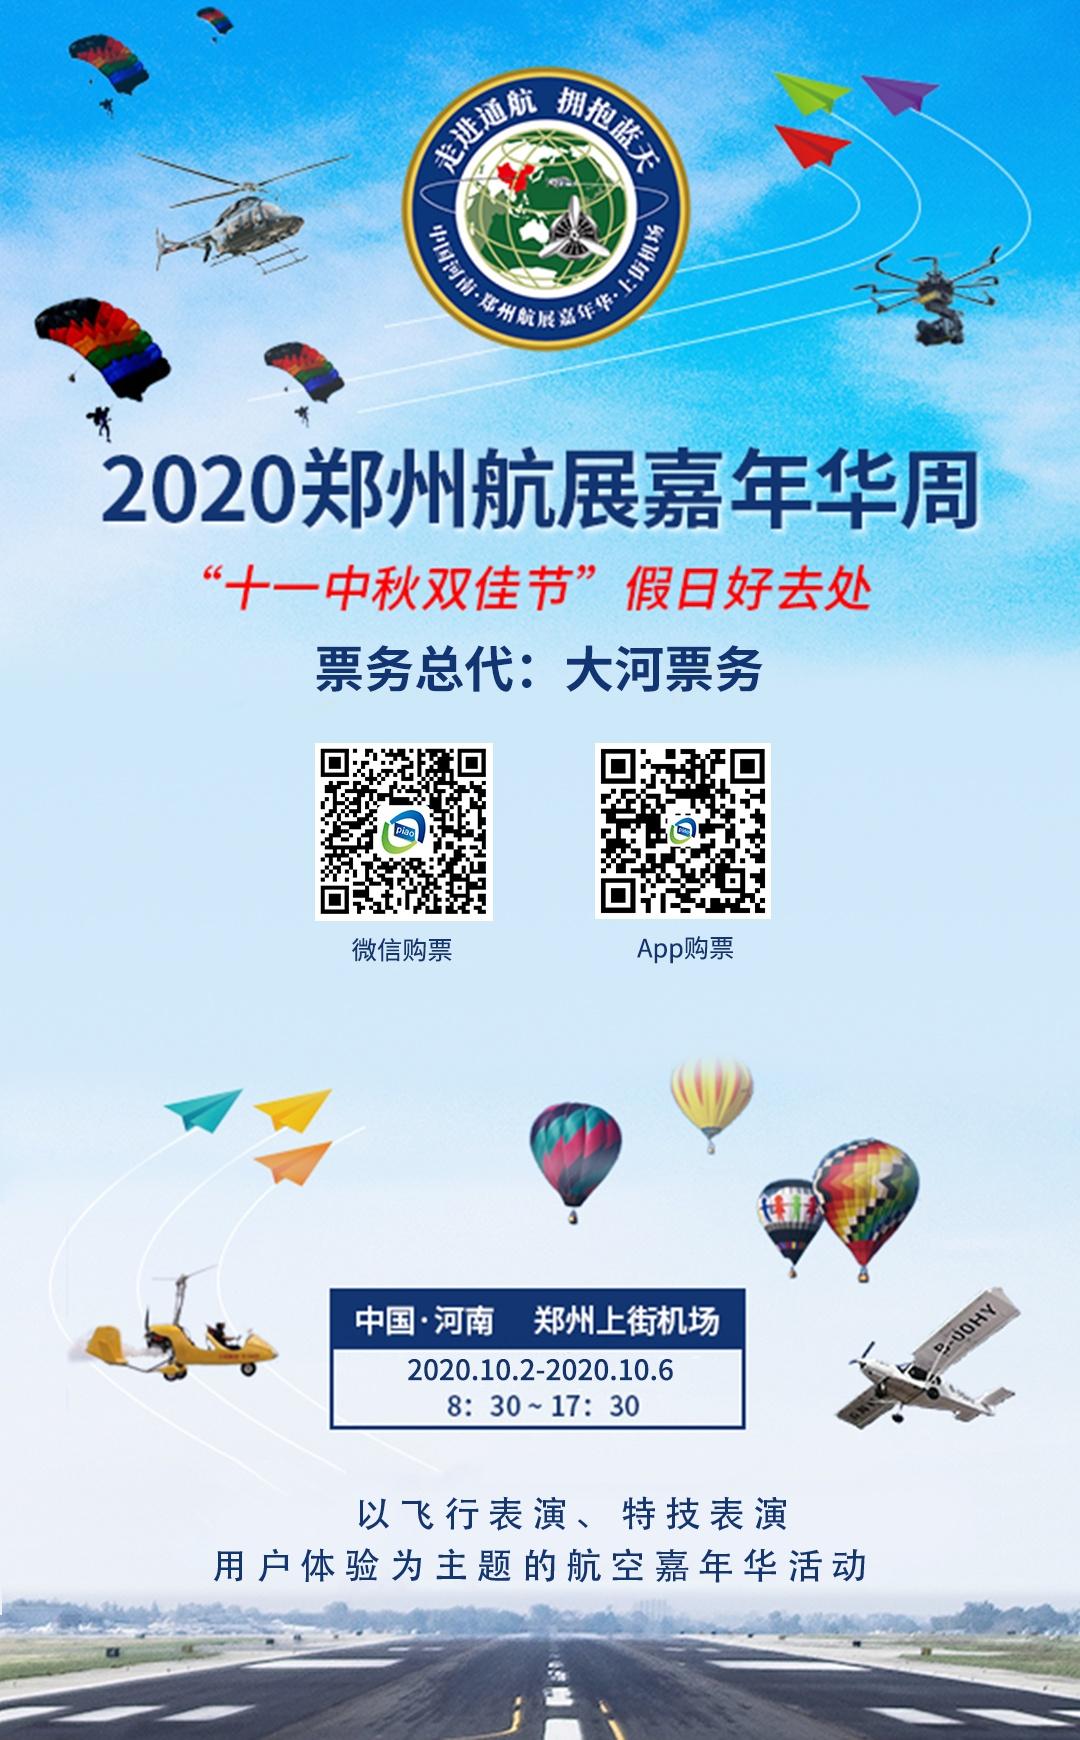 2020郑州航展嘉年华周震撼开启!大河票务再获票务总代!